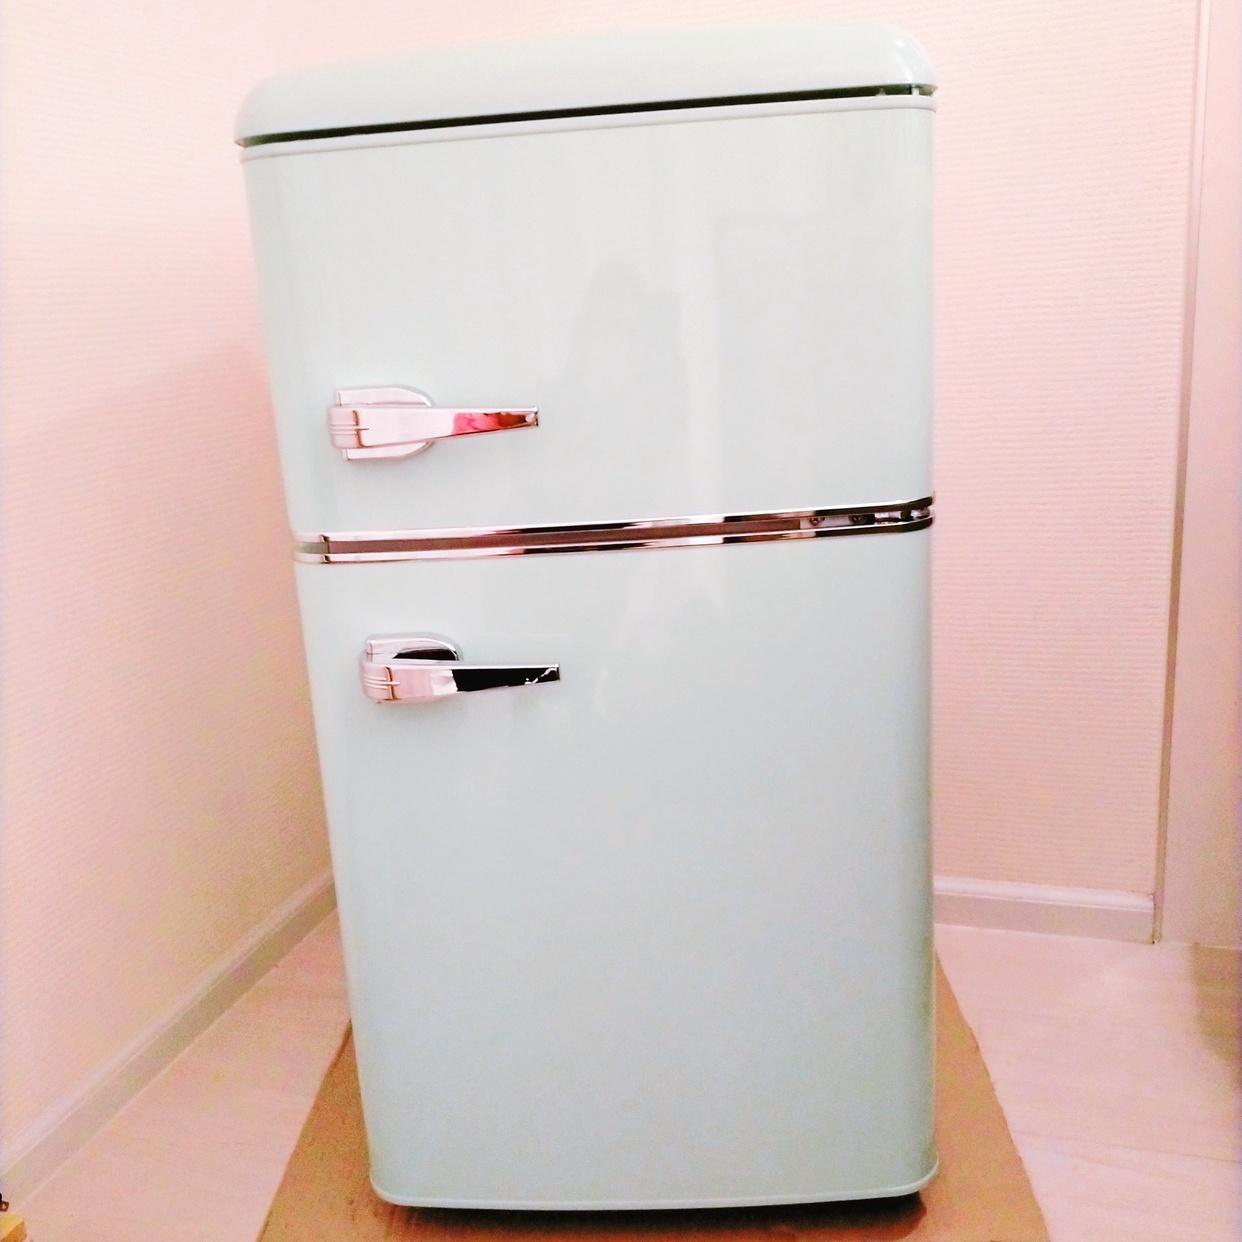 IRIS OHYAMA(アイリスオーヤマ)ノンフロン冷凍冷蔵庫 PRR-082Dを使ったゆいままさんのクチコミ画像1